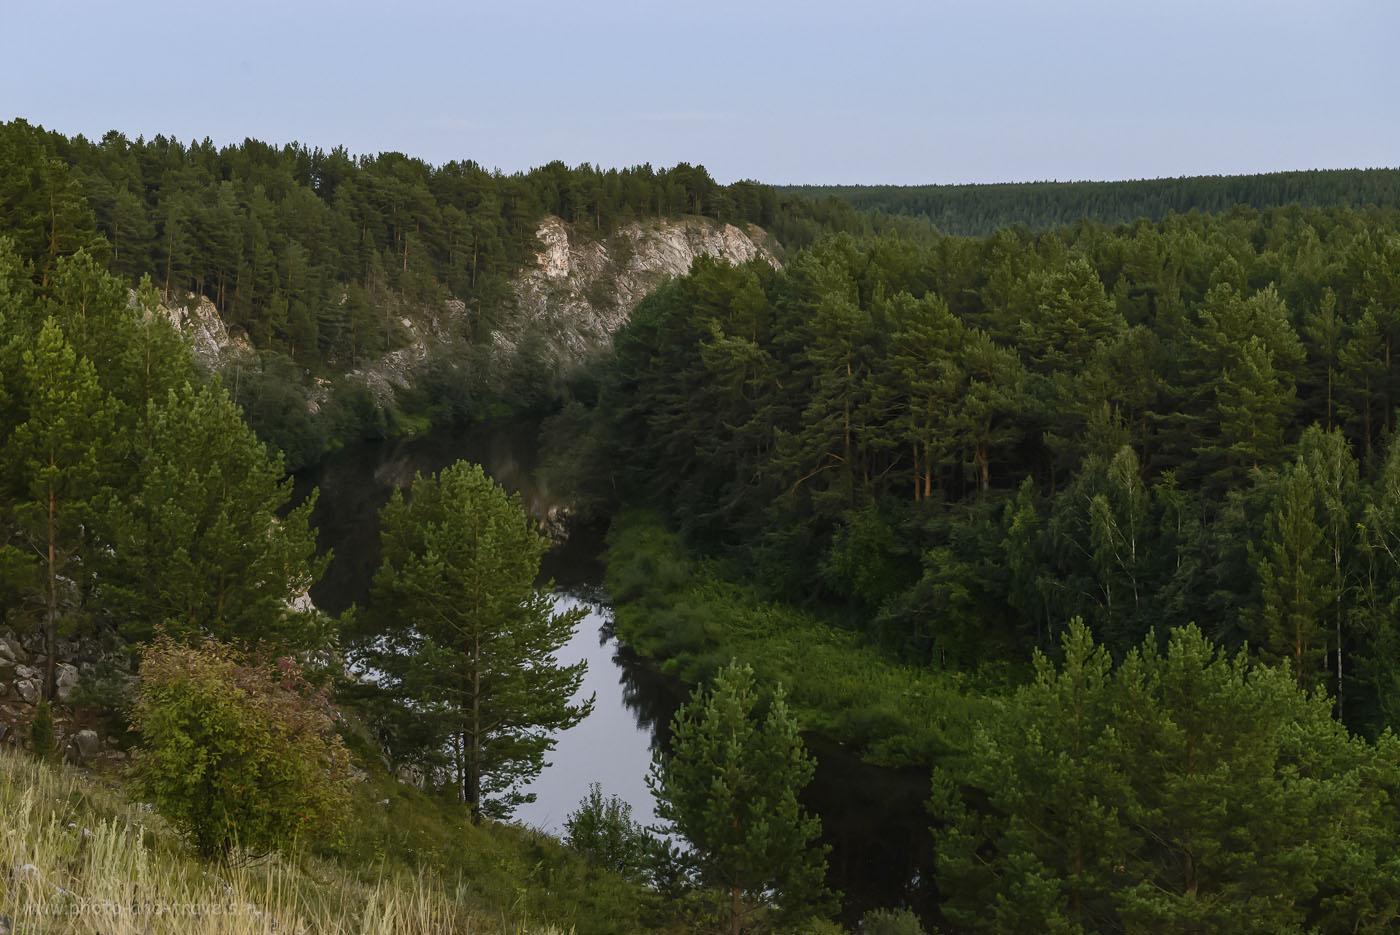 15. Пример пейзажного фото на высоком ИСО. Тестируем фотоаппарат Nikon D610 с зумом Nikon 24-70mm f/2.8G. Параметры EXIF: 1/80, -1.33, F/8.0, ISO 4000, 58 мм